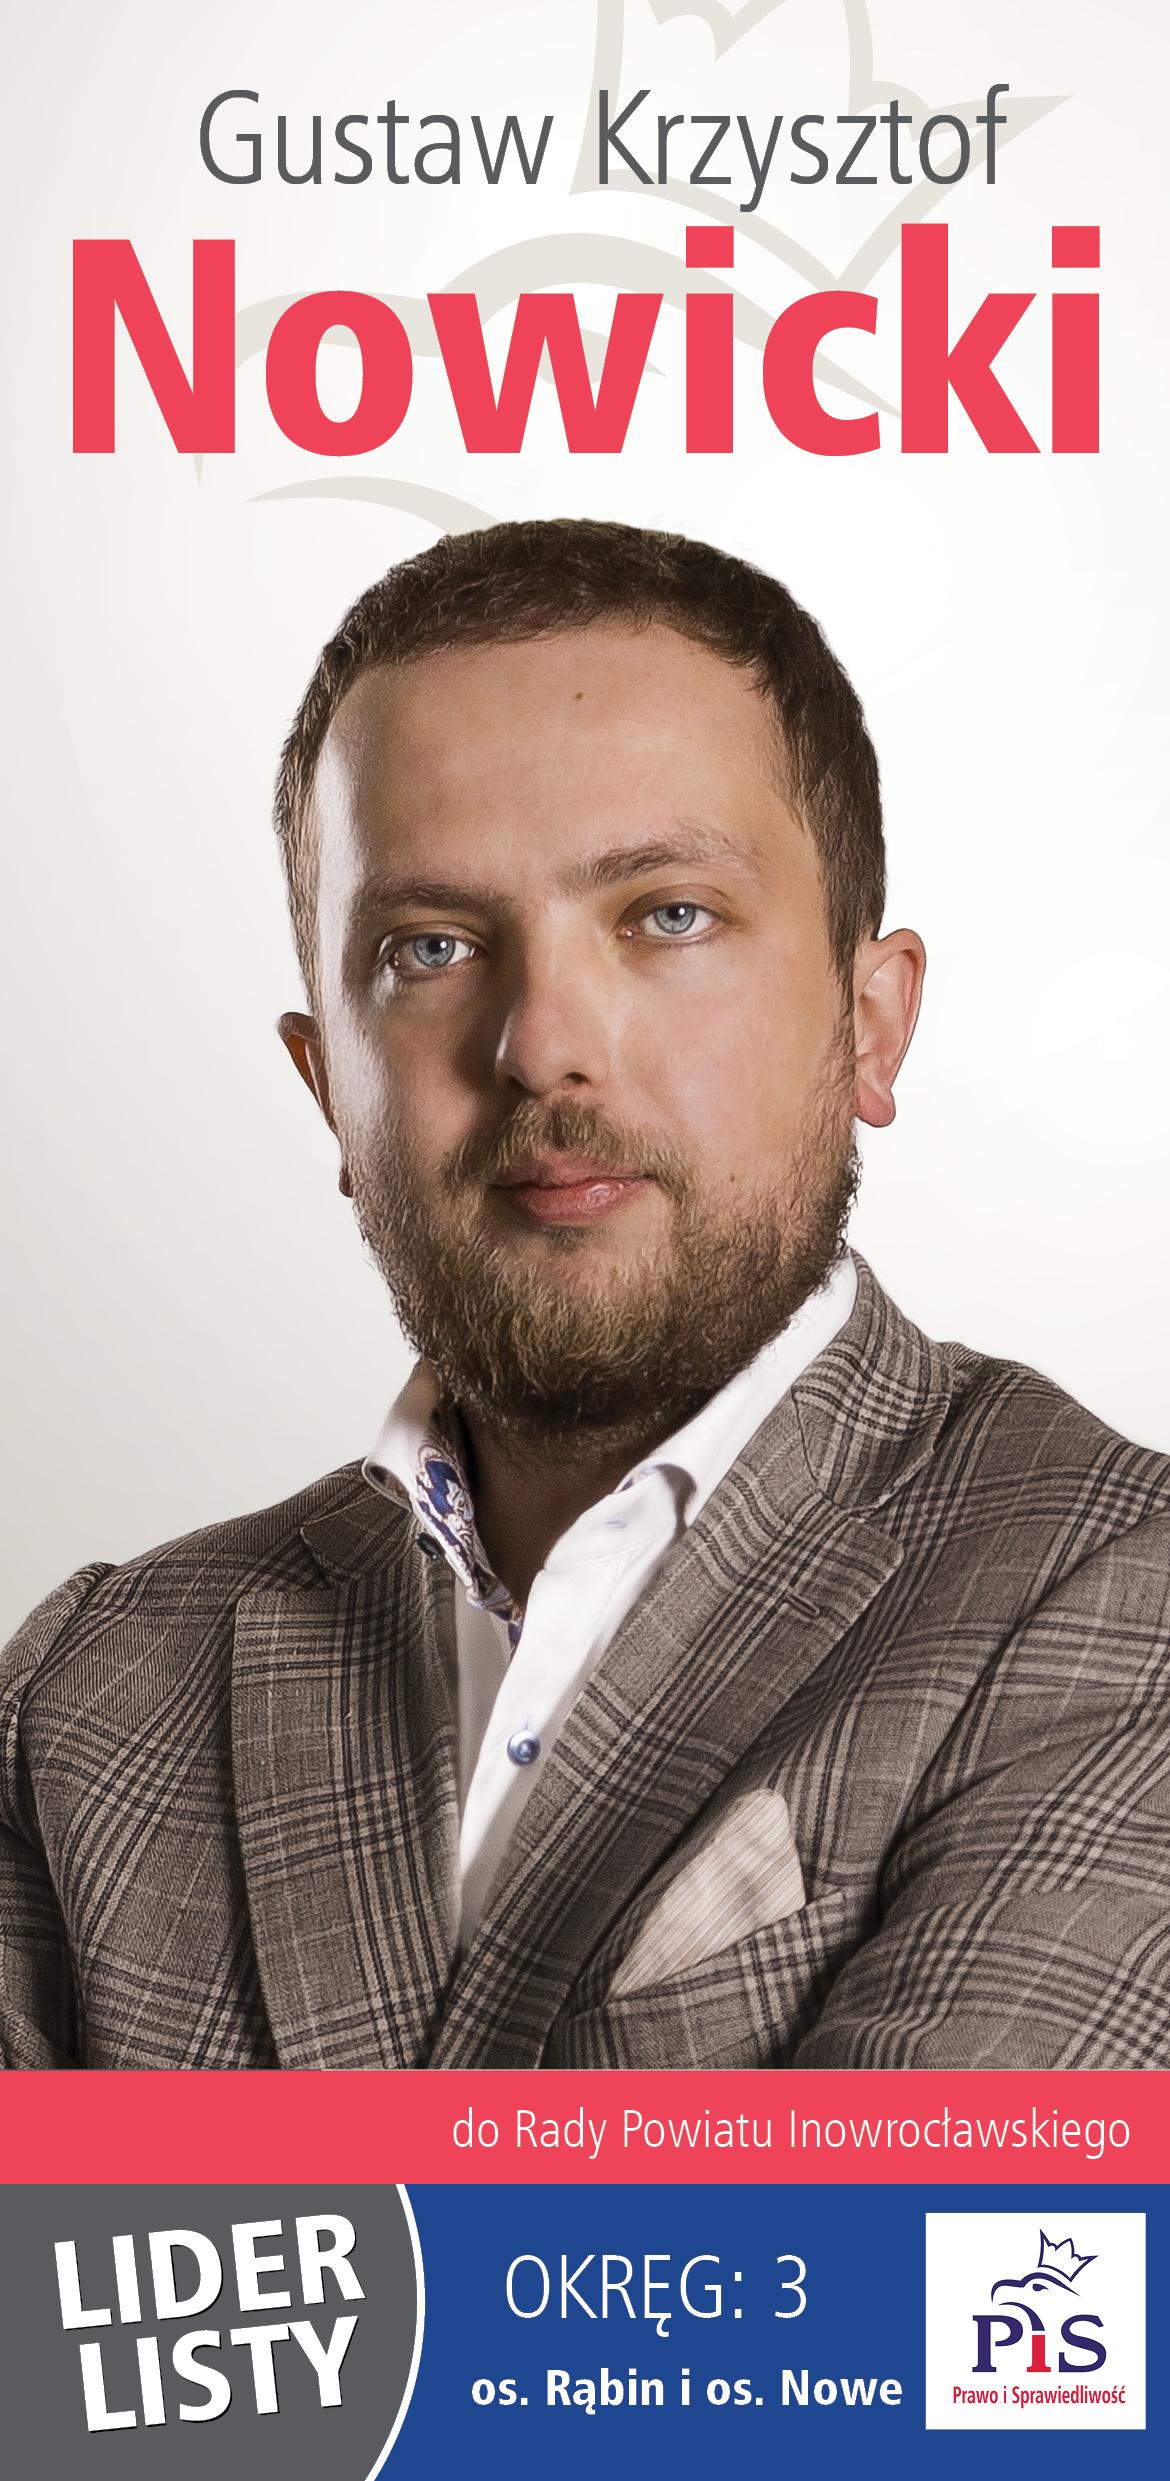 Bydgoszcz_DL_Nowicki wybory